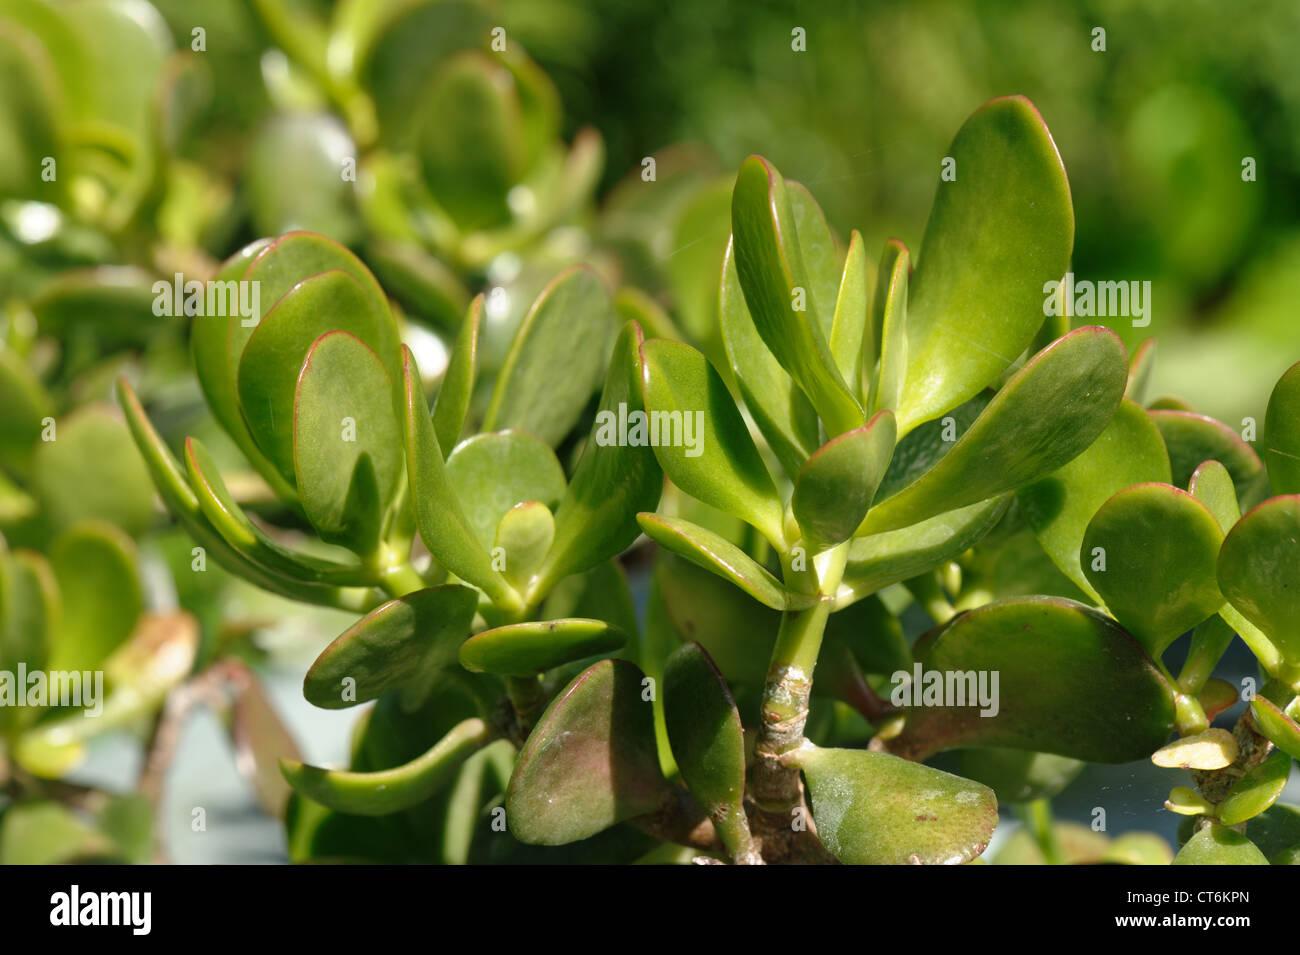 Succulento foglie di un albero di denaro o impianto di denaro Crassula ovata Immagini Stock